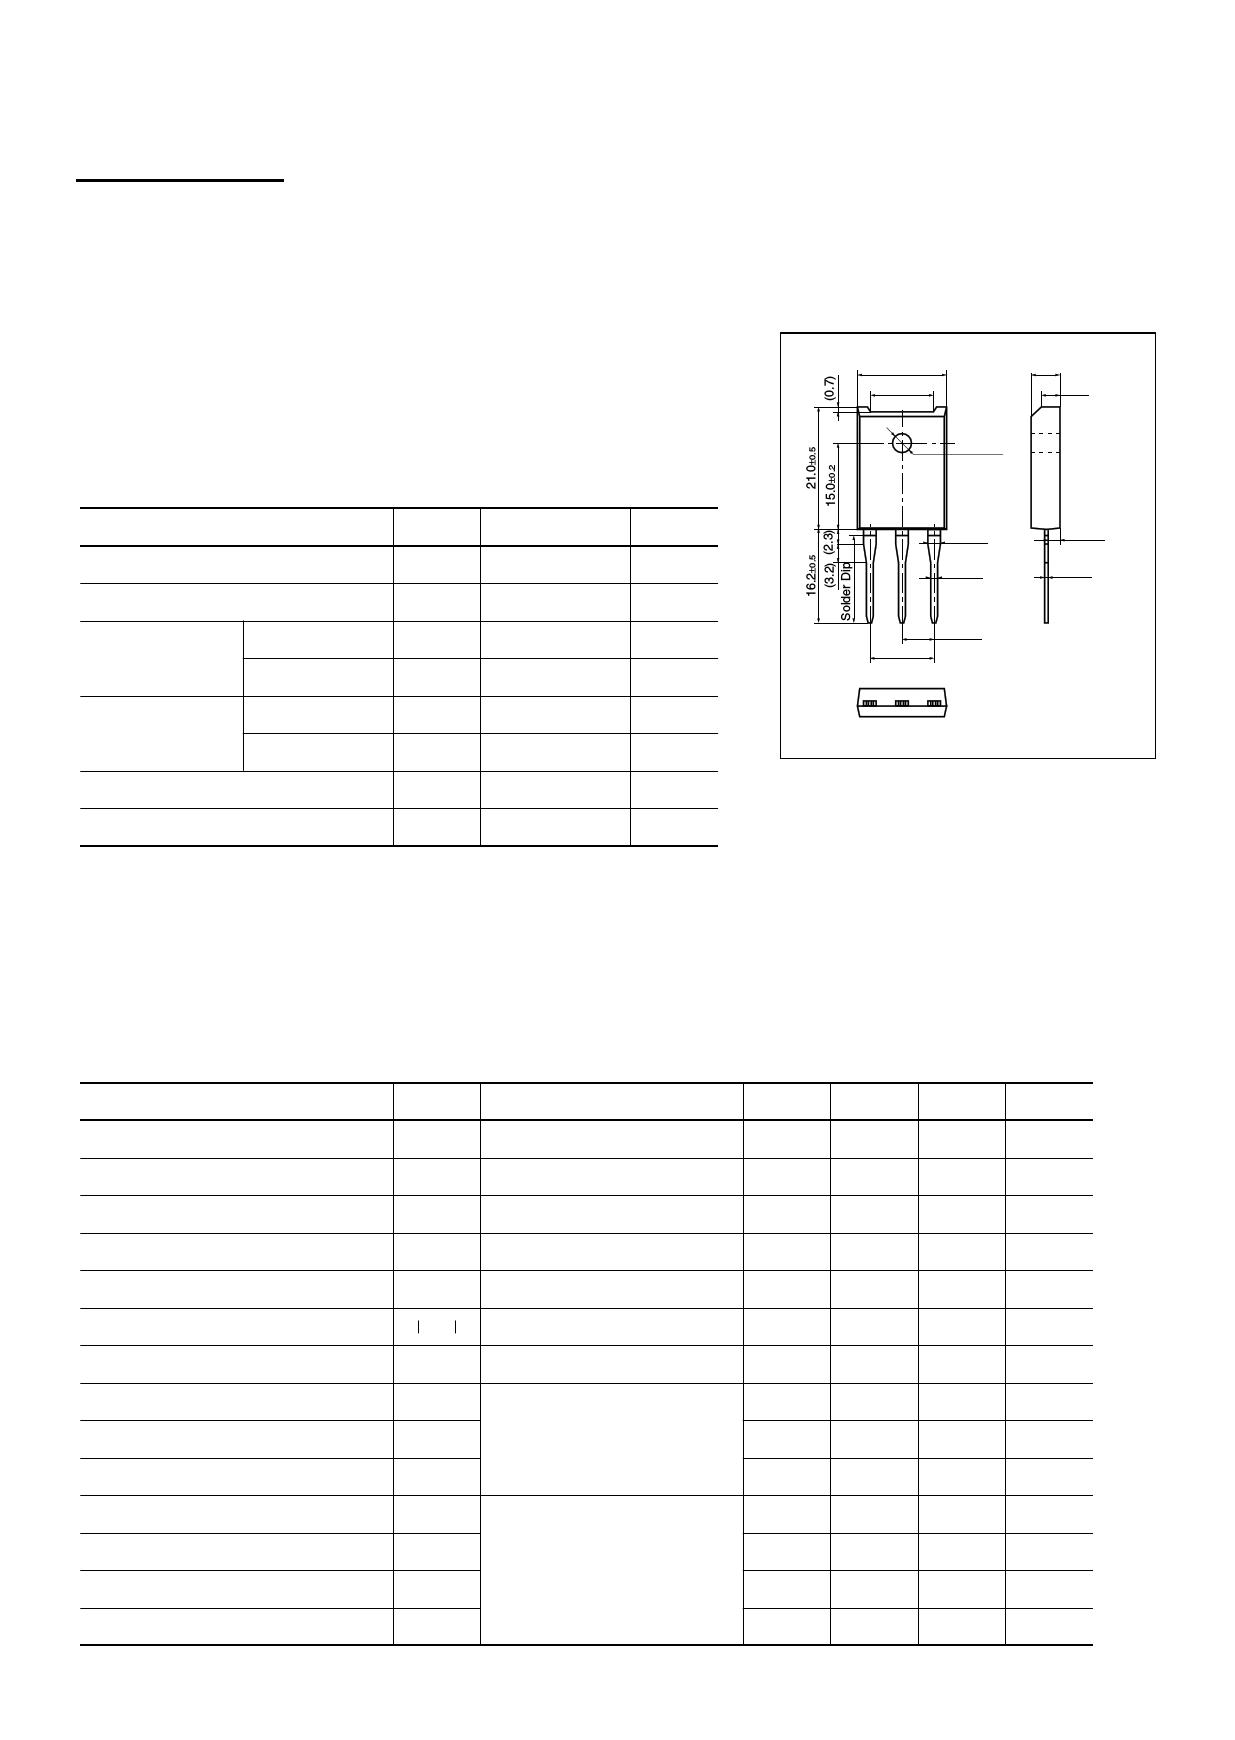 2SK3559 데이터시트 및 2SK3559 PDF